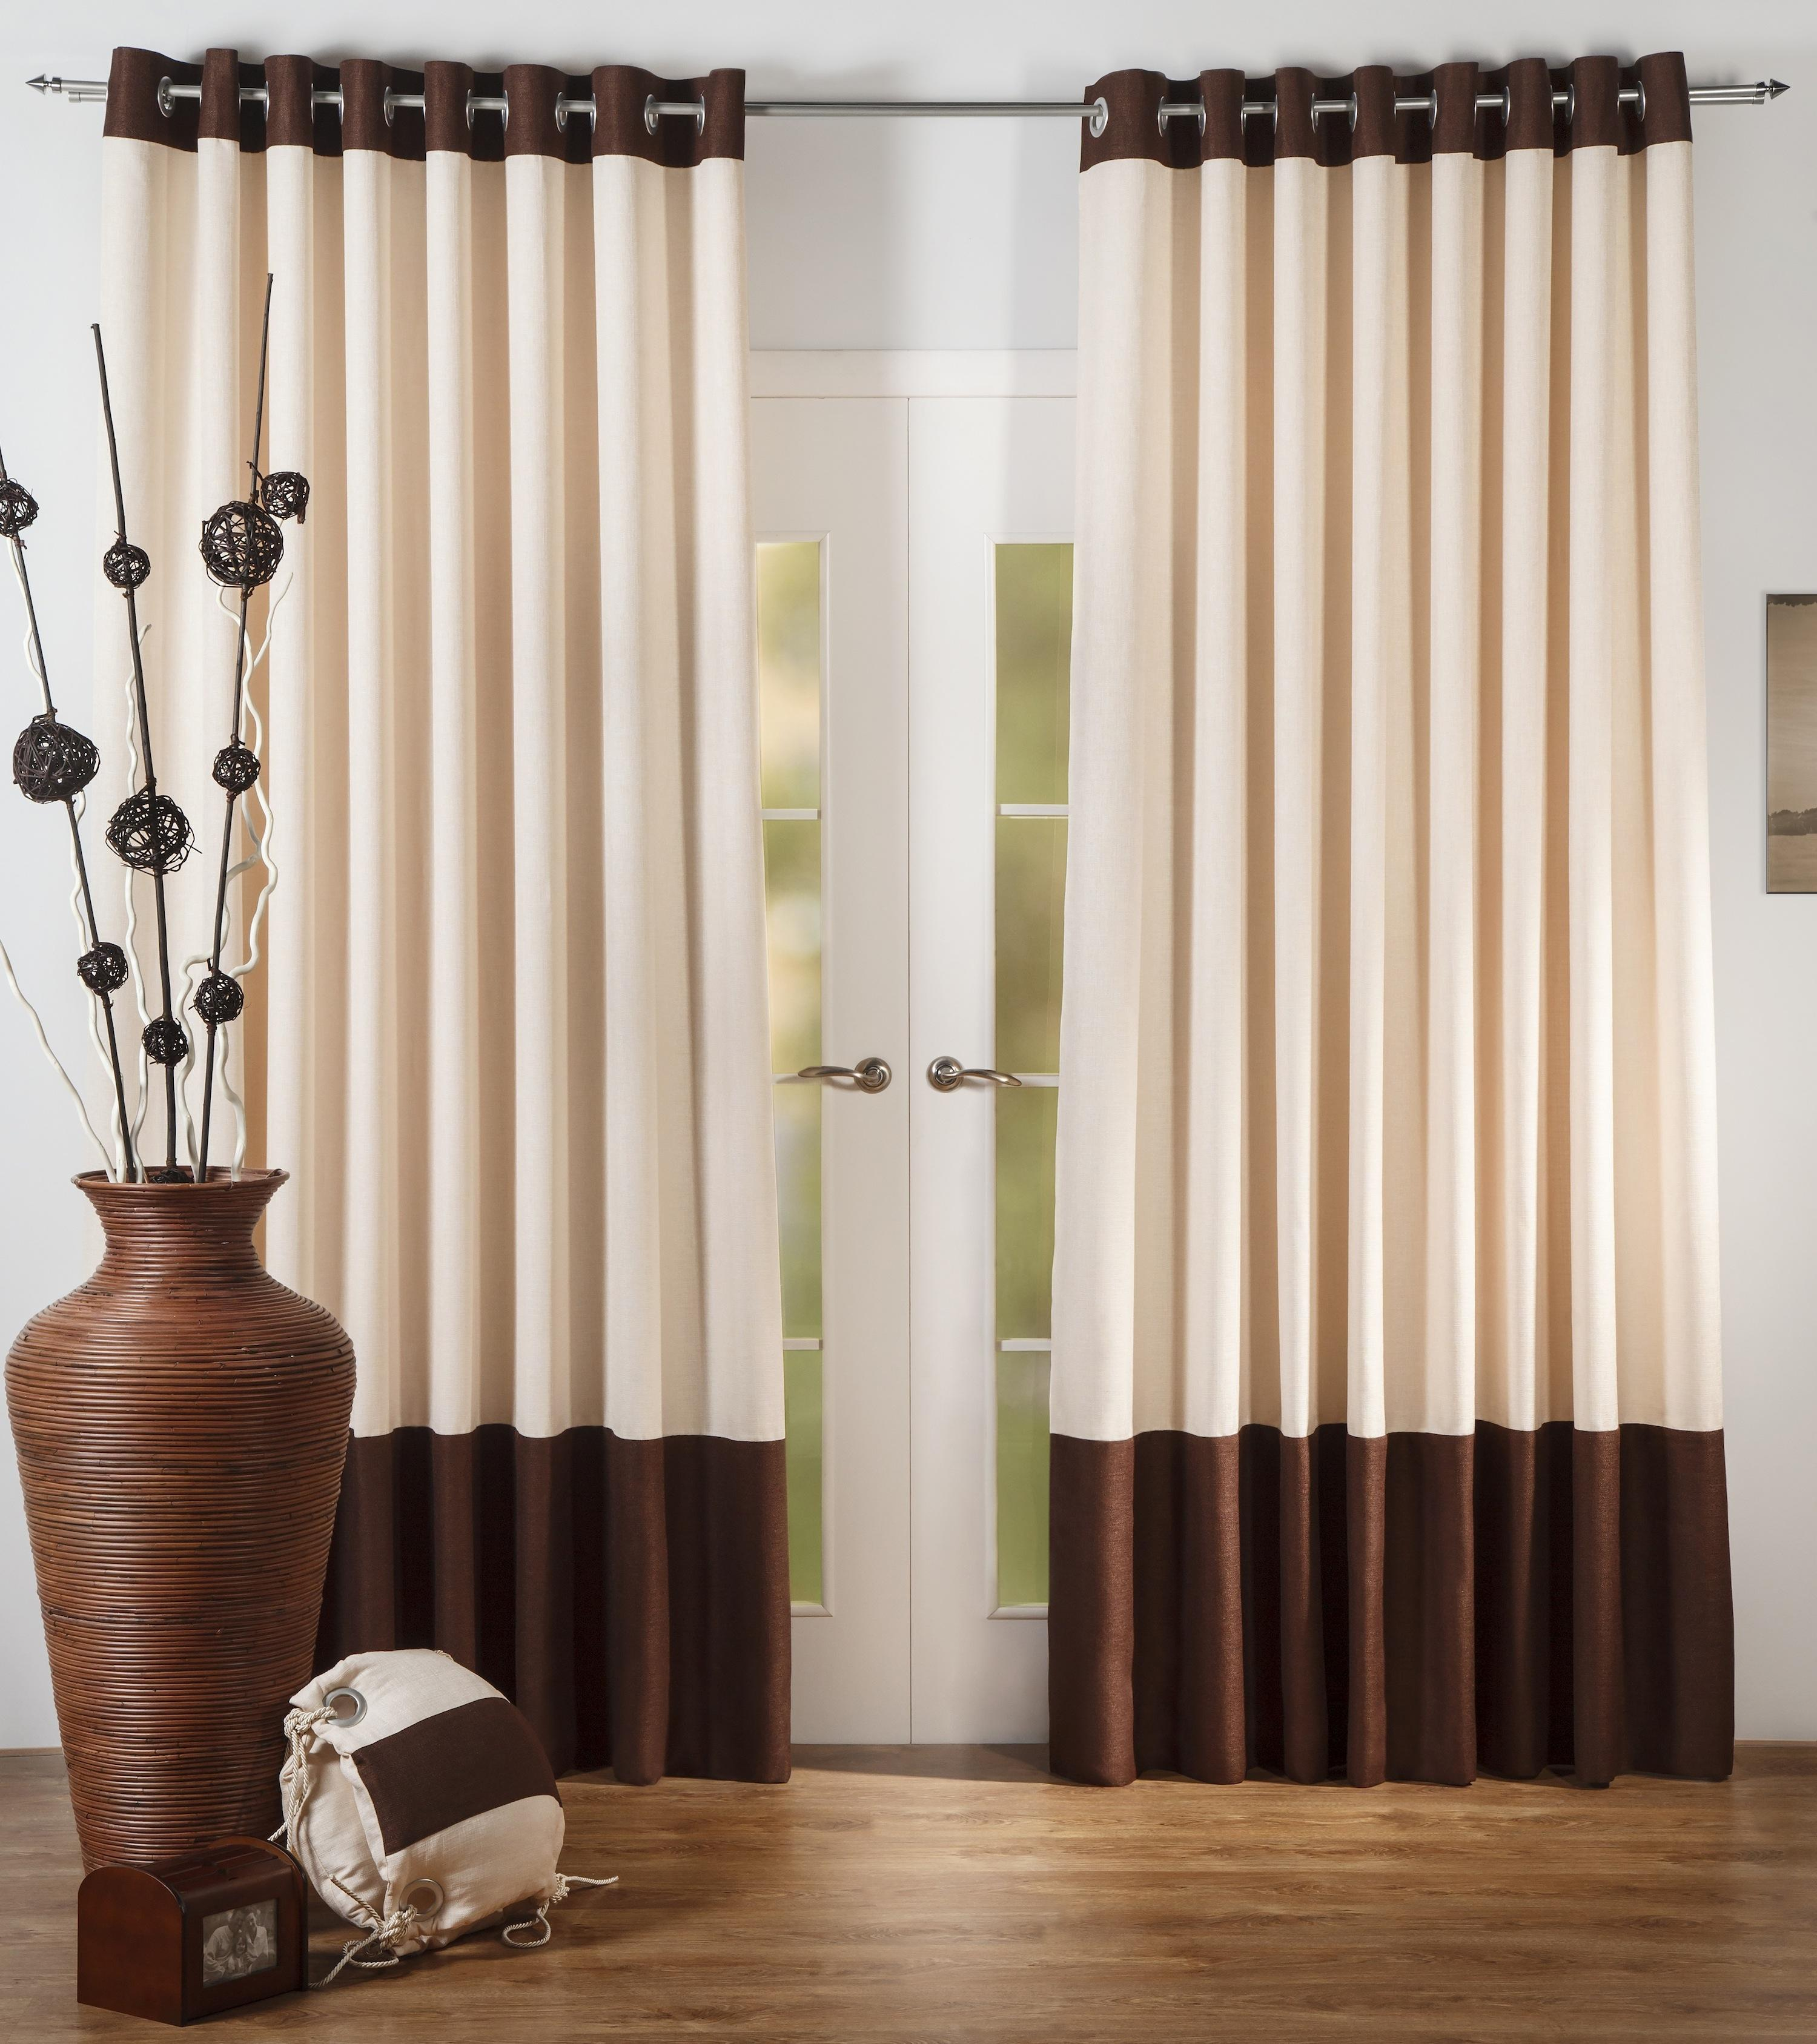 Шторы PASIONARIA Классические шторы Атлант Цвет: Коричневый шторы tac классические шторы winx цвет персиковый 200x265 см